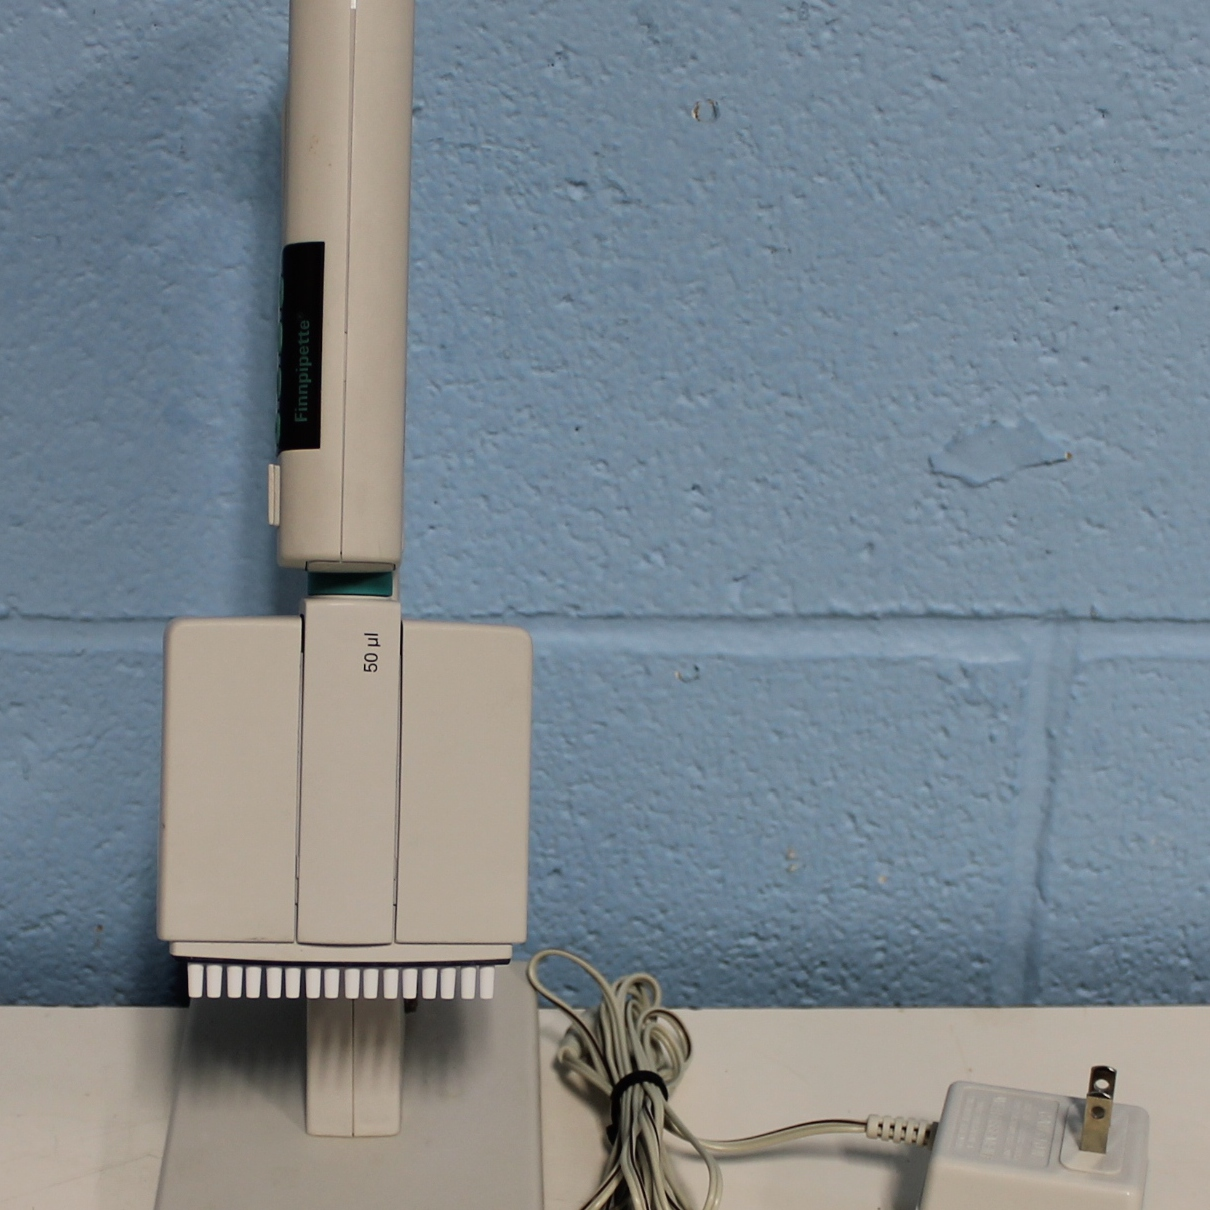 Thermo Electron Corporation Finnpipette 16 Channel Digital 50 uL Pipette Image